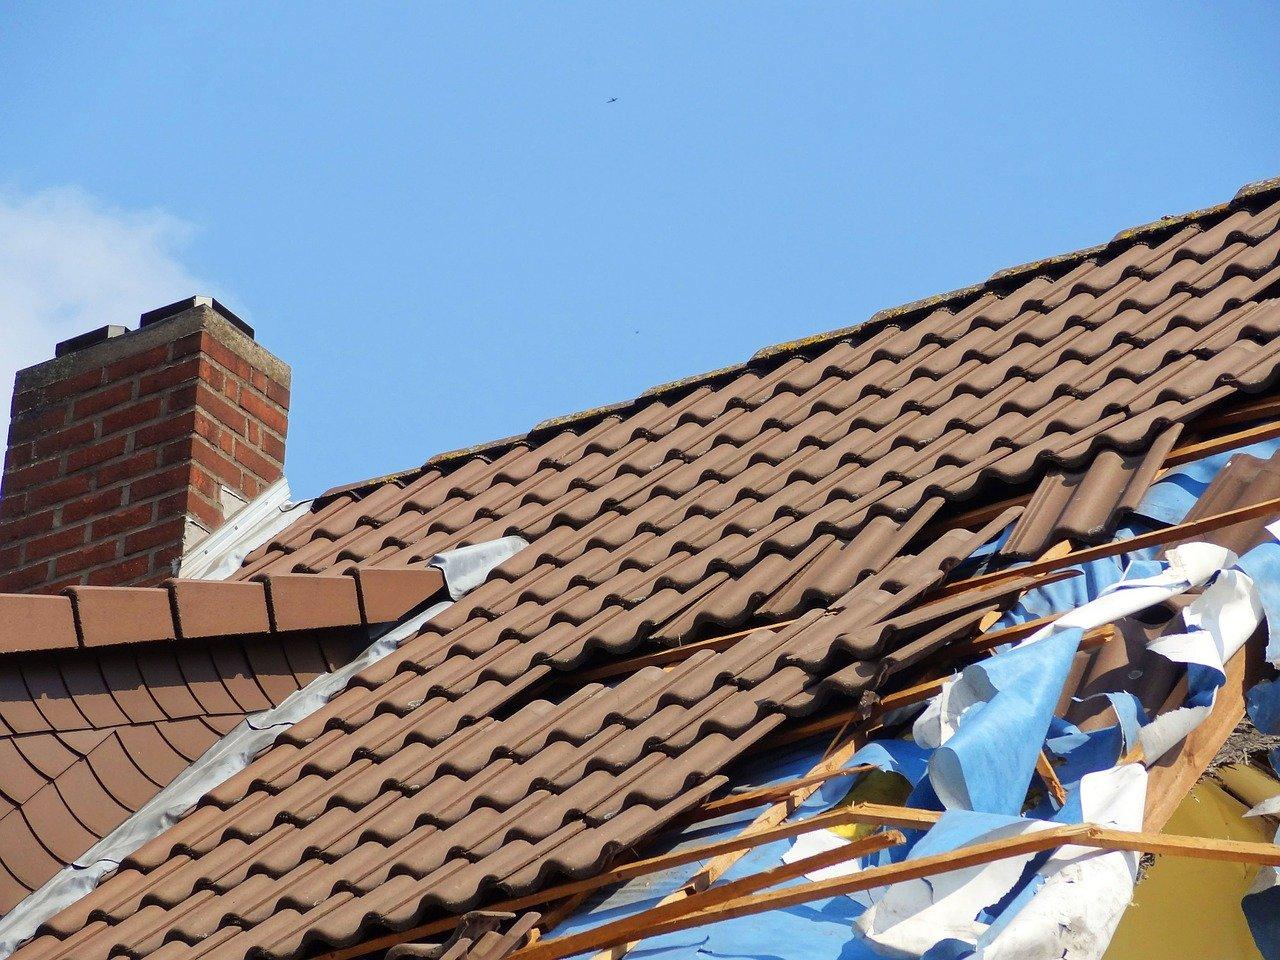 nokvorst reparatie, nokvorst renovatie in 5145 Waalwijk